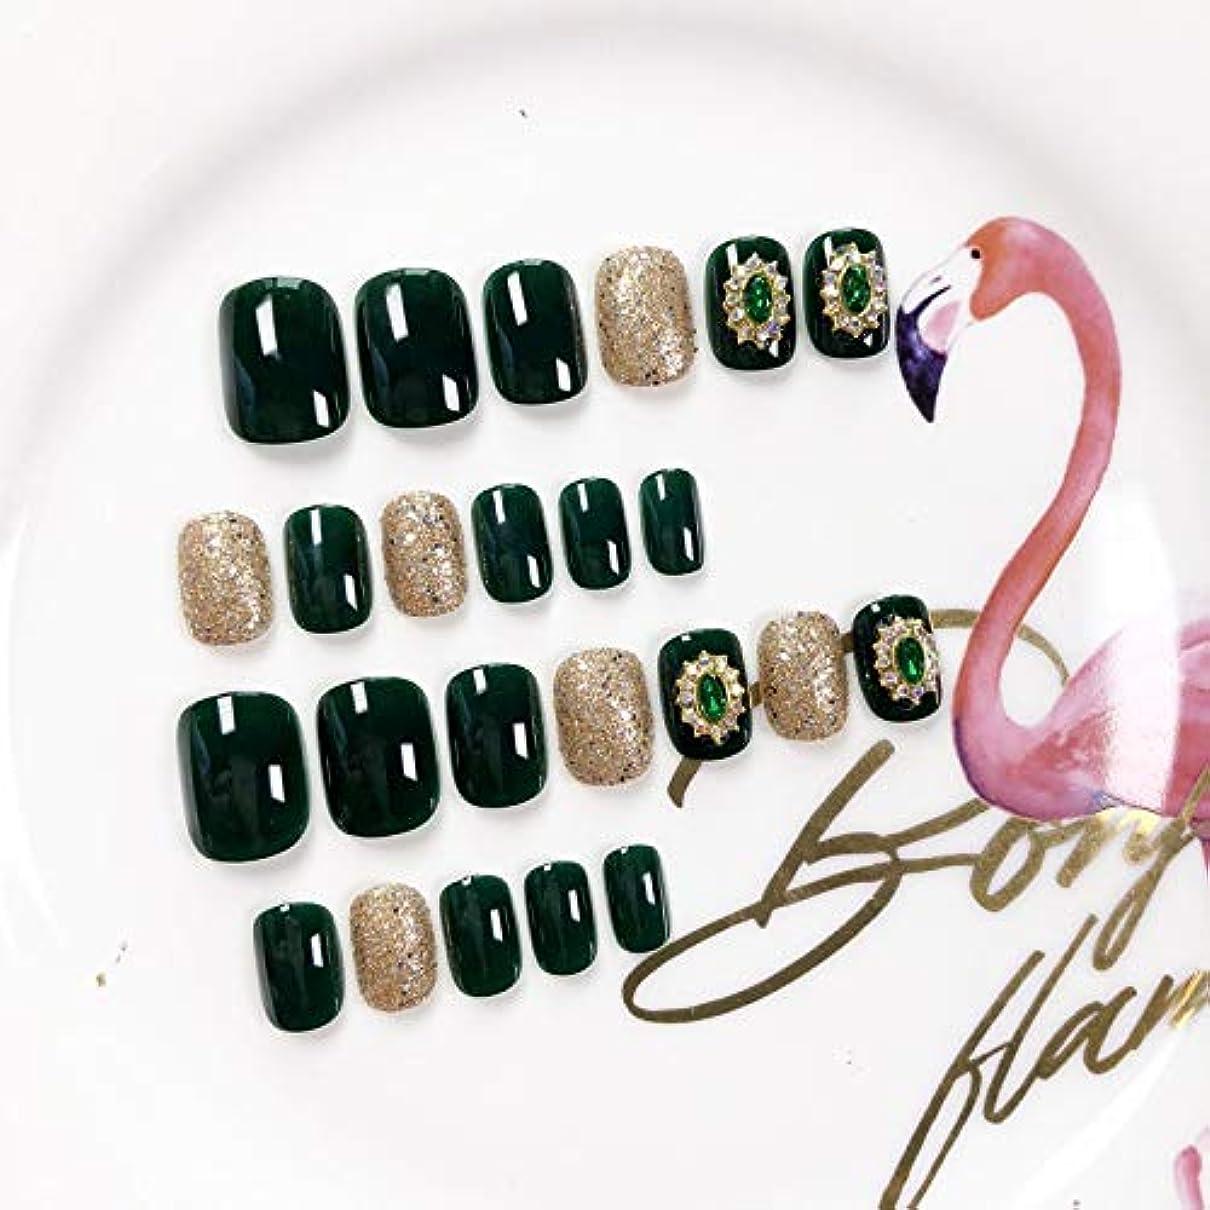 かもしれない略すレオナルドダXUANHU HOME 緑色の偽爪キット24ピースダークグリーンとダイヤモンド偽爪、接着剤付きフルカバーミディアムレングス